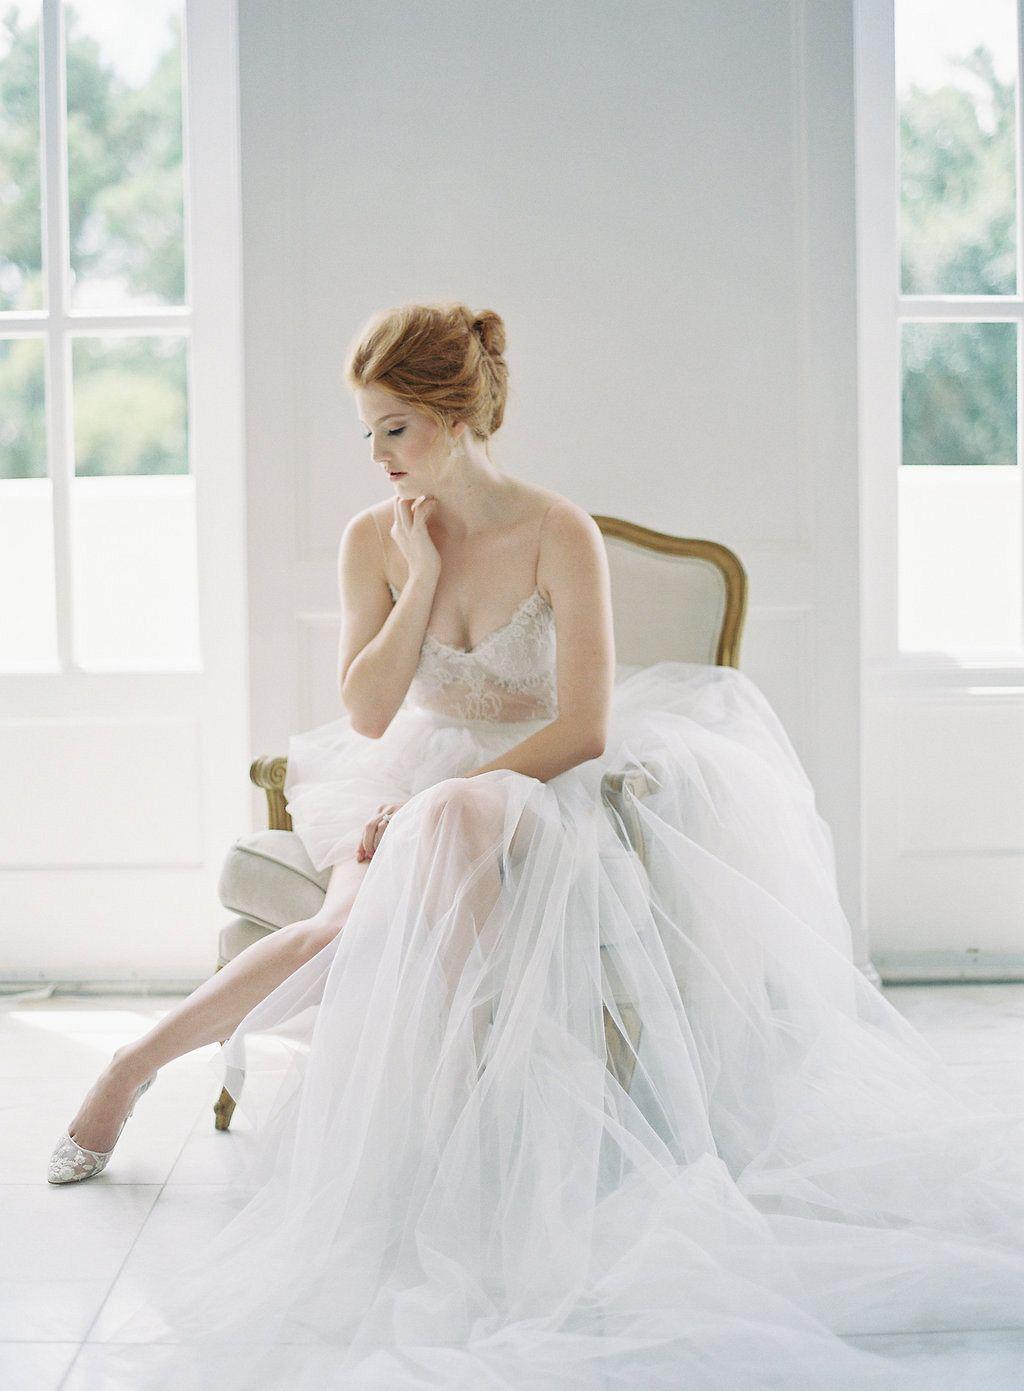 Lush Spring Garden Bridals in fine art accessories